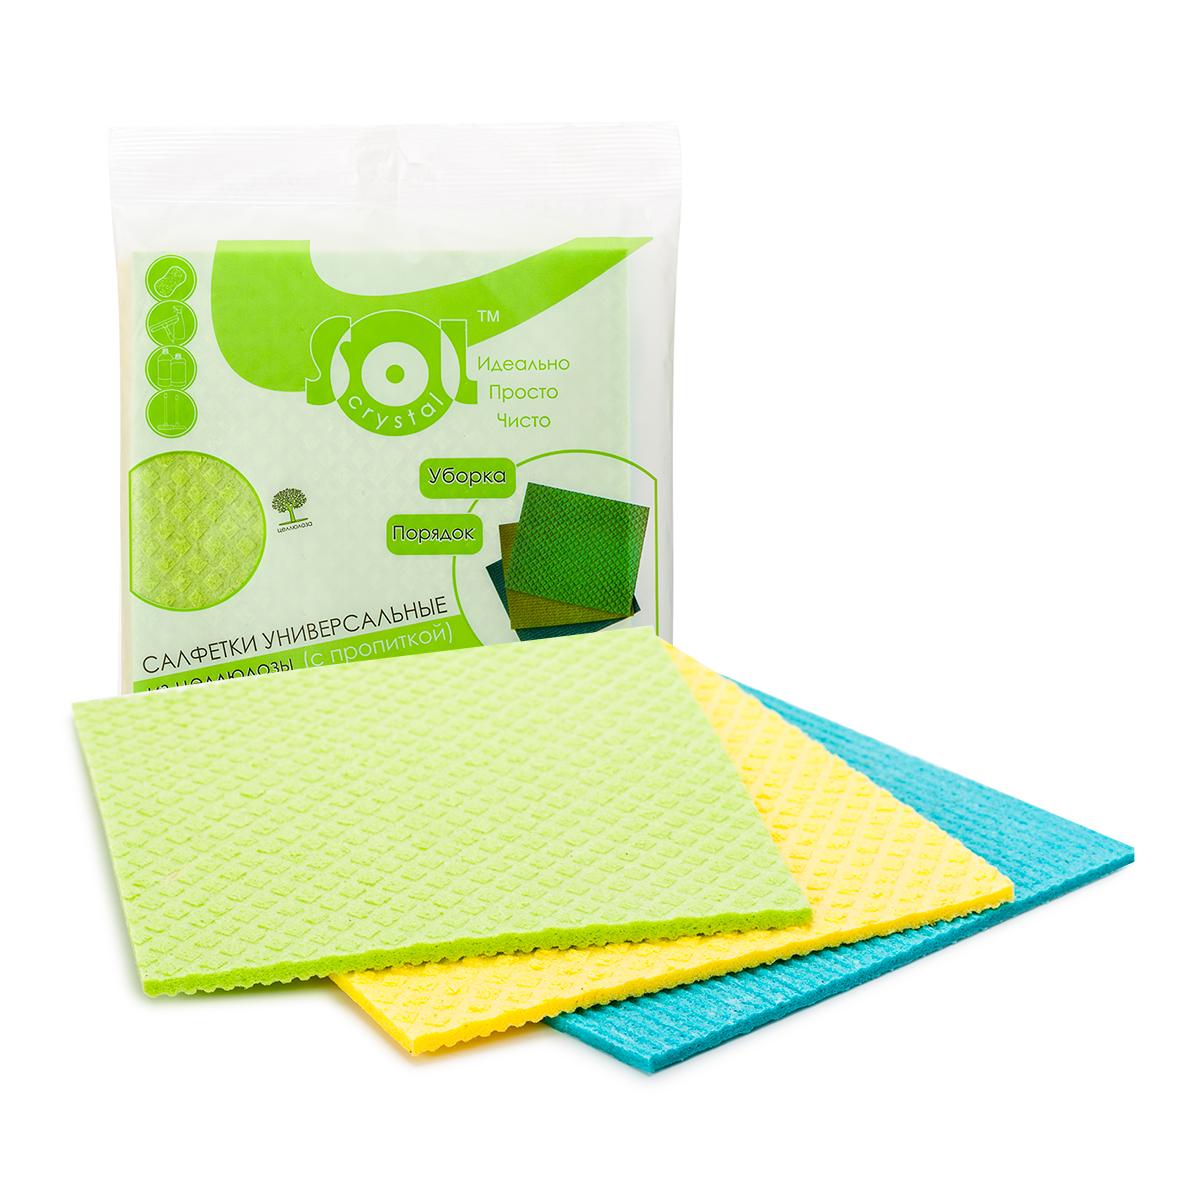 Салфетка для уборки Sol Crystal Cale, 18 x 20 см, 3 шт. 2000220002/20019Состав: 70% целлюлоза, 30% хлопок; цвет: желтый, голубой, зеленый